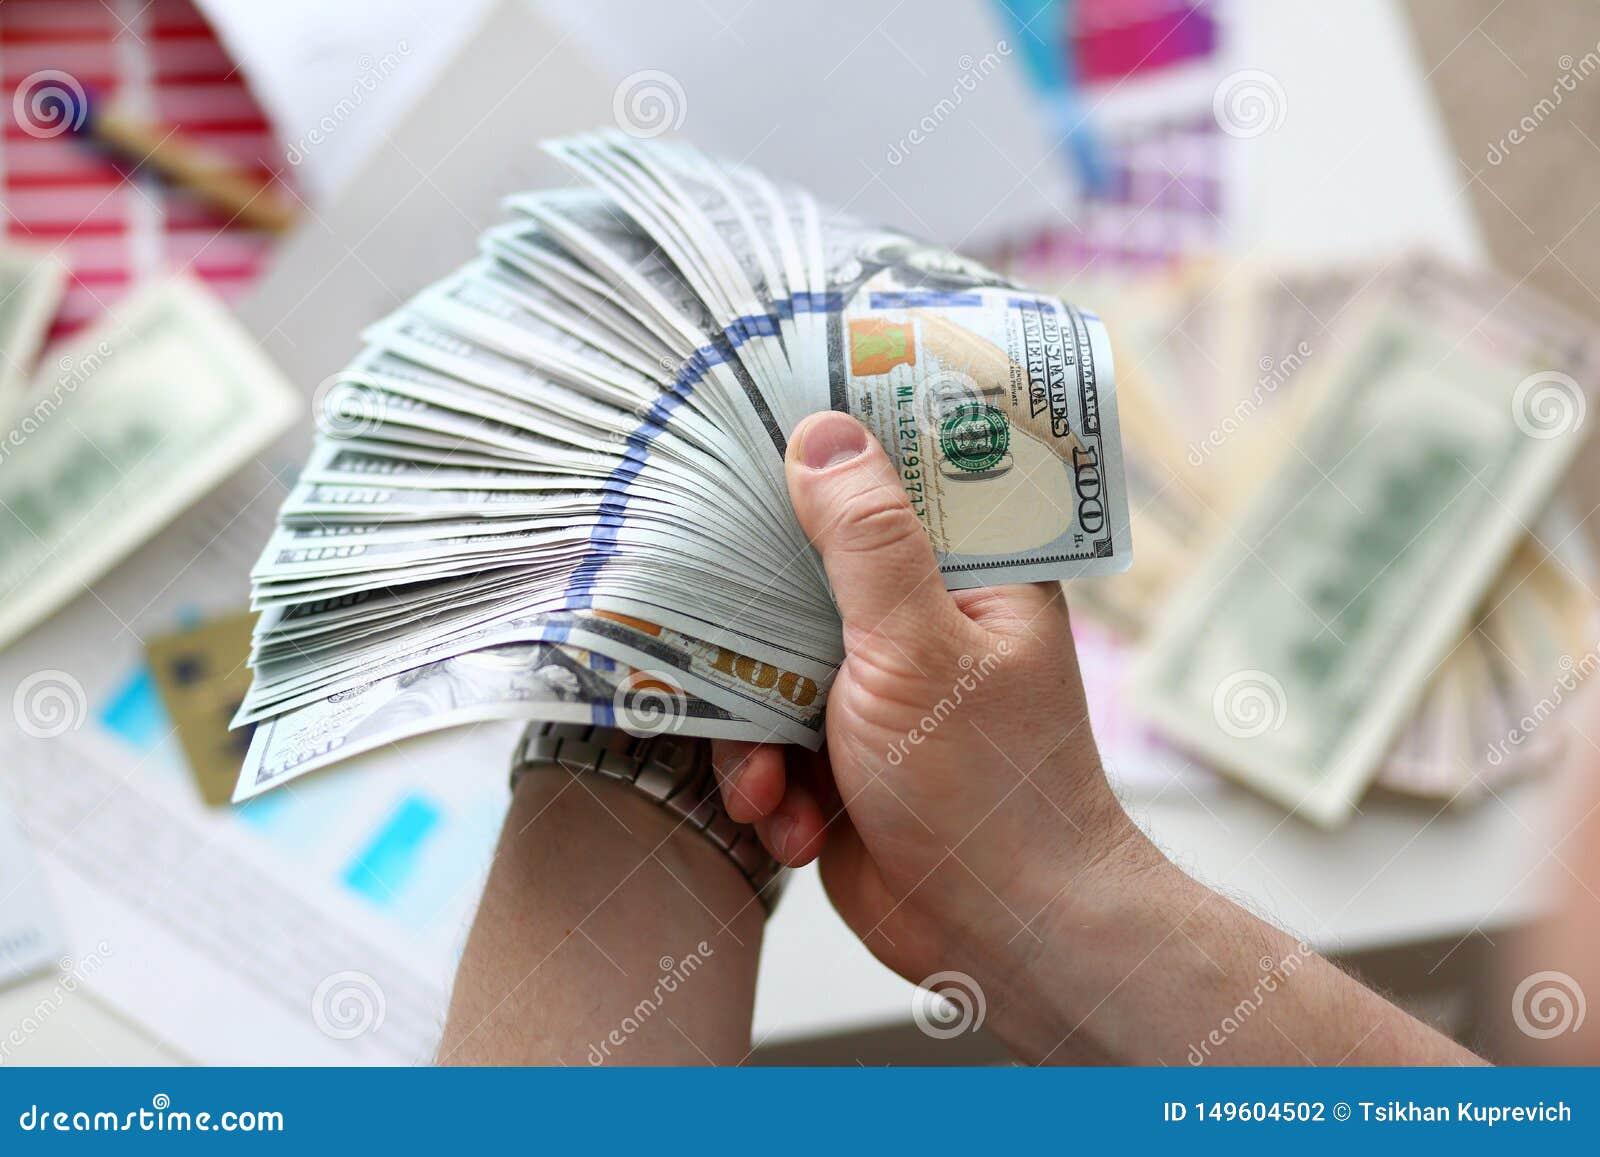 Manos masculinas que cuentan el dinero del paquete enorme